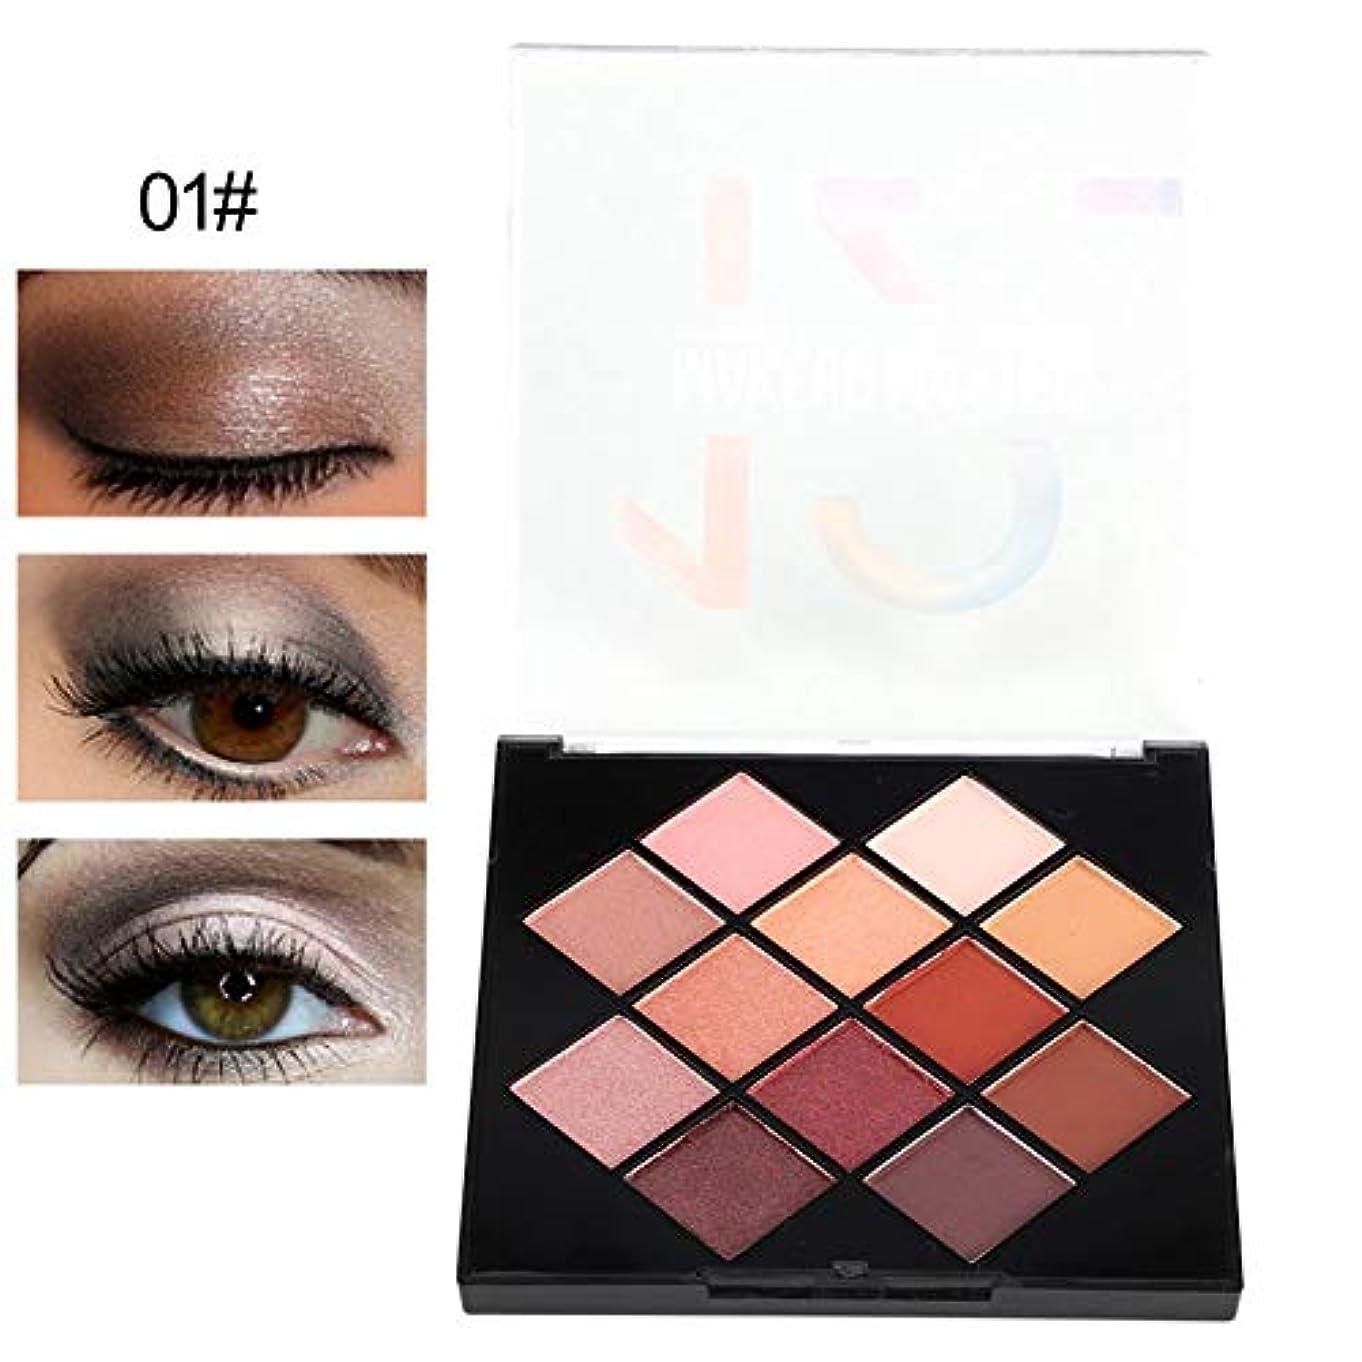 慢嫉妬と闘うアイシャドウパレット 12色 化粧マット 化粧品ツール グロス アイシャドウパウダー (01)